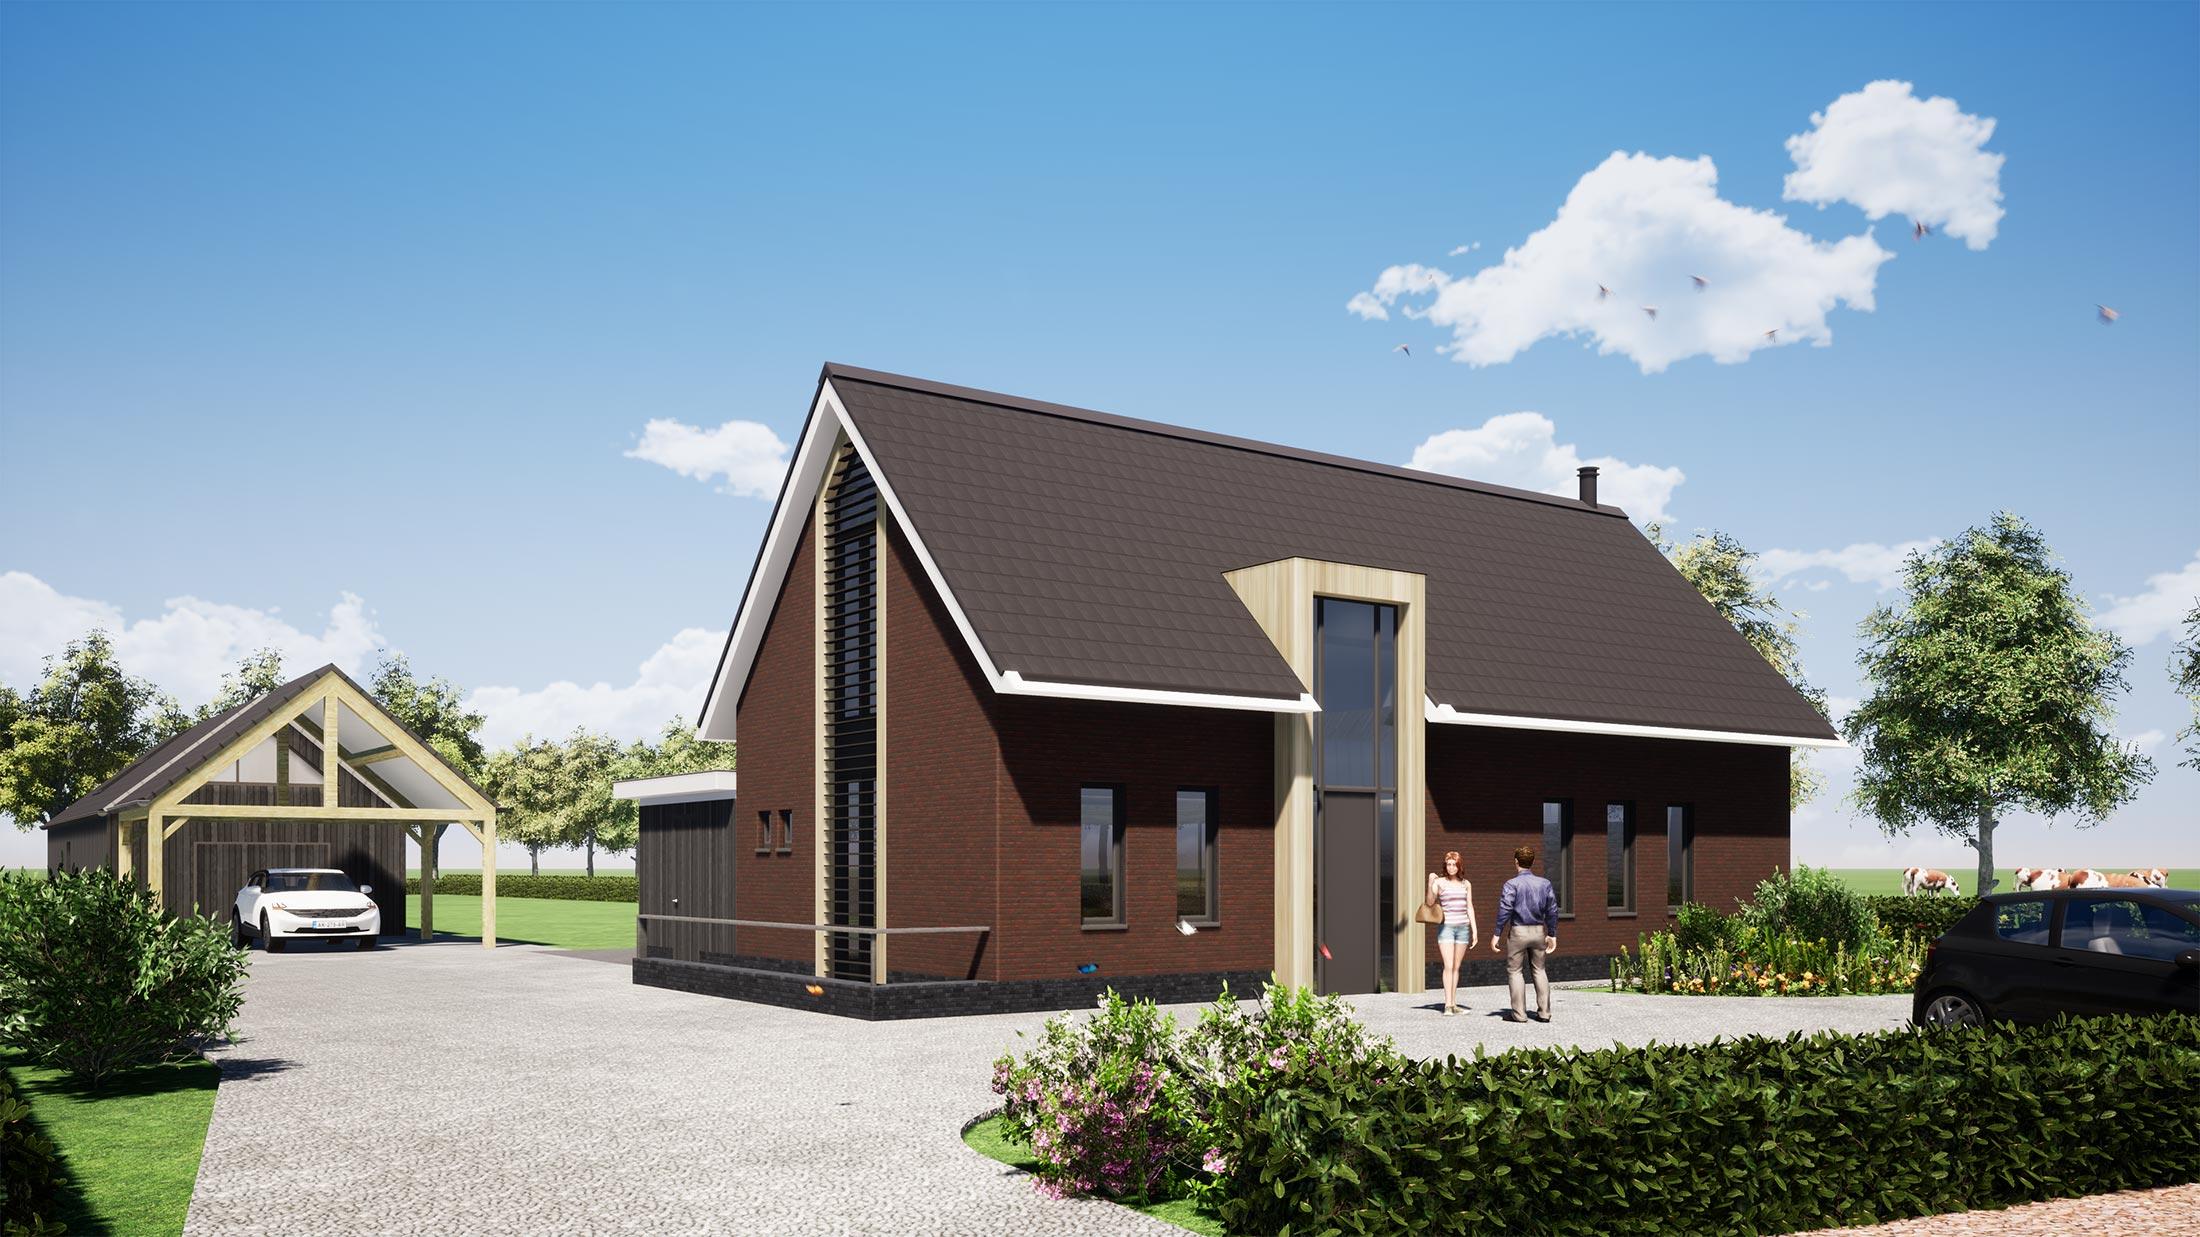 Schijndel Meijldoorn Particulier Woonhuis Nieuwbouw